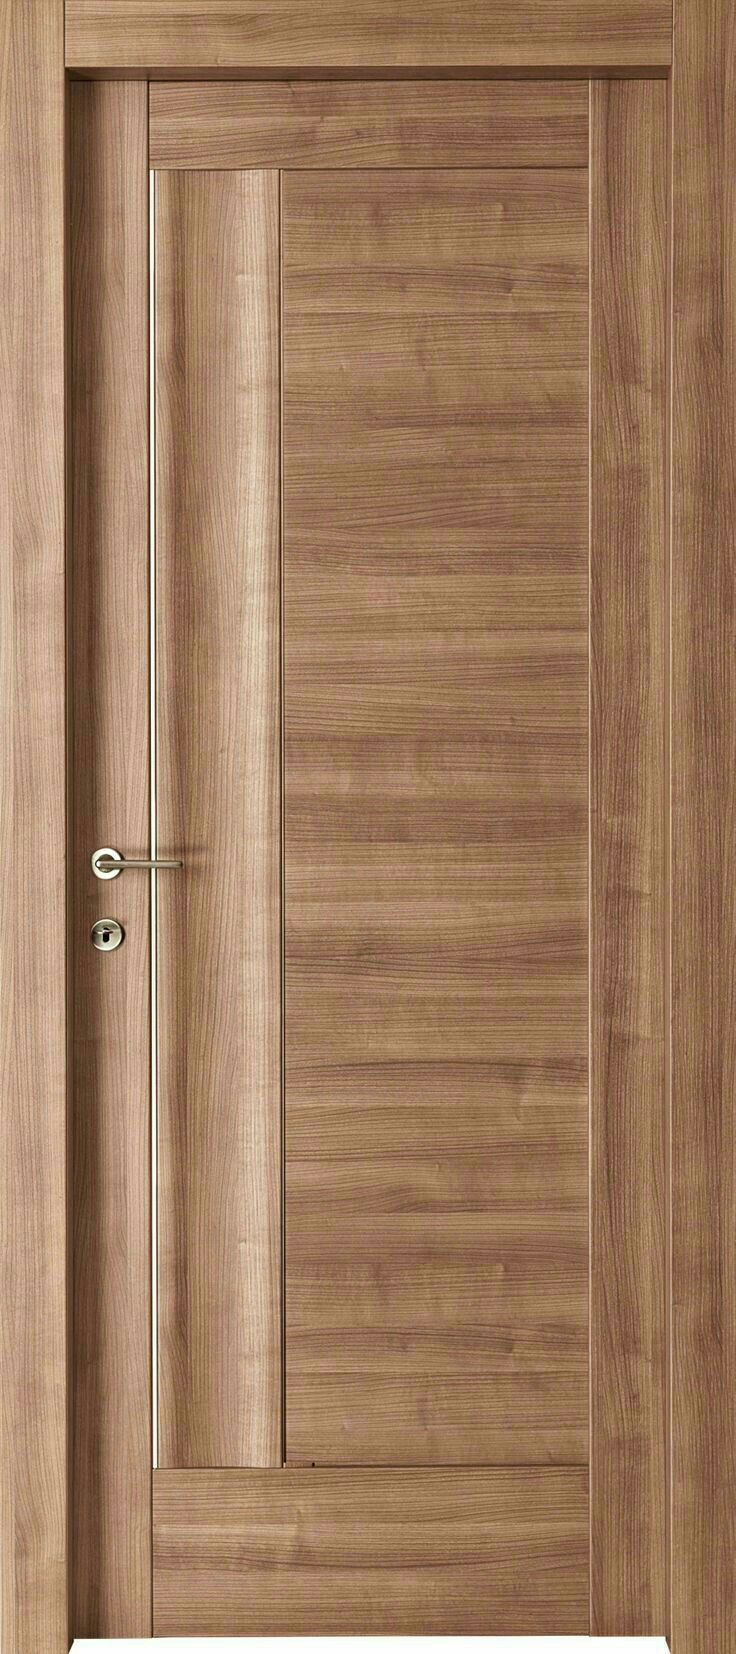 Mejores 12 im genes de basora puertas de interior y for Puertas italianas interior